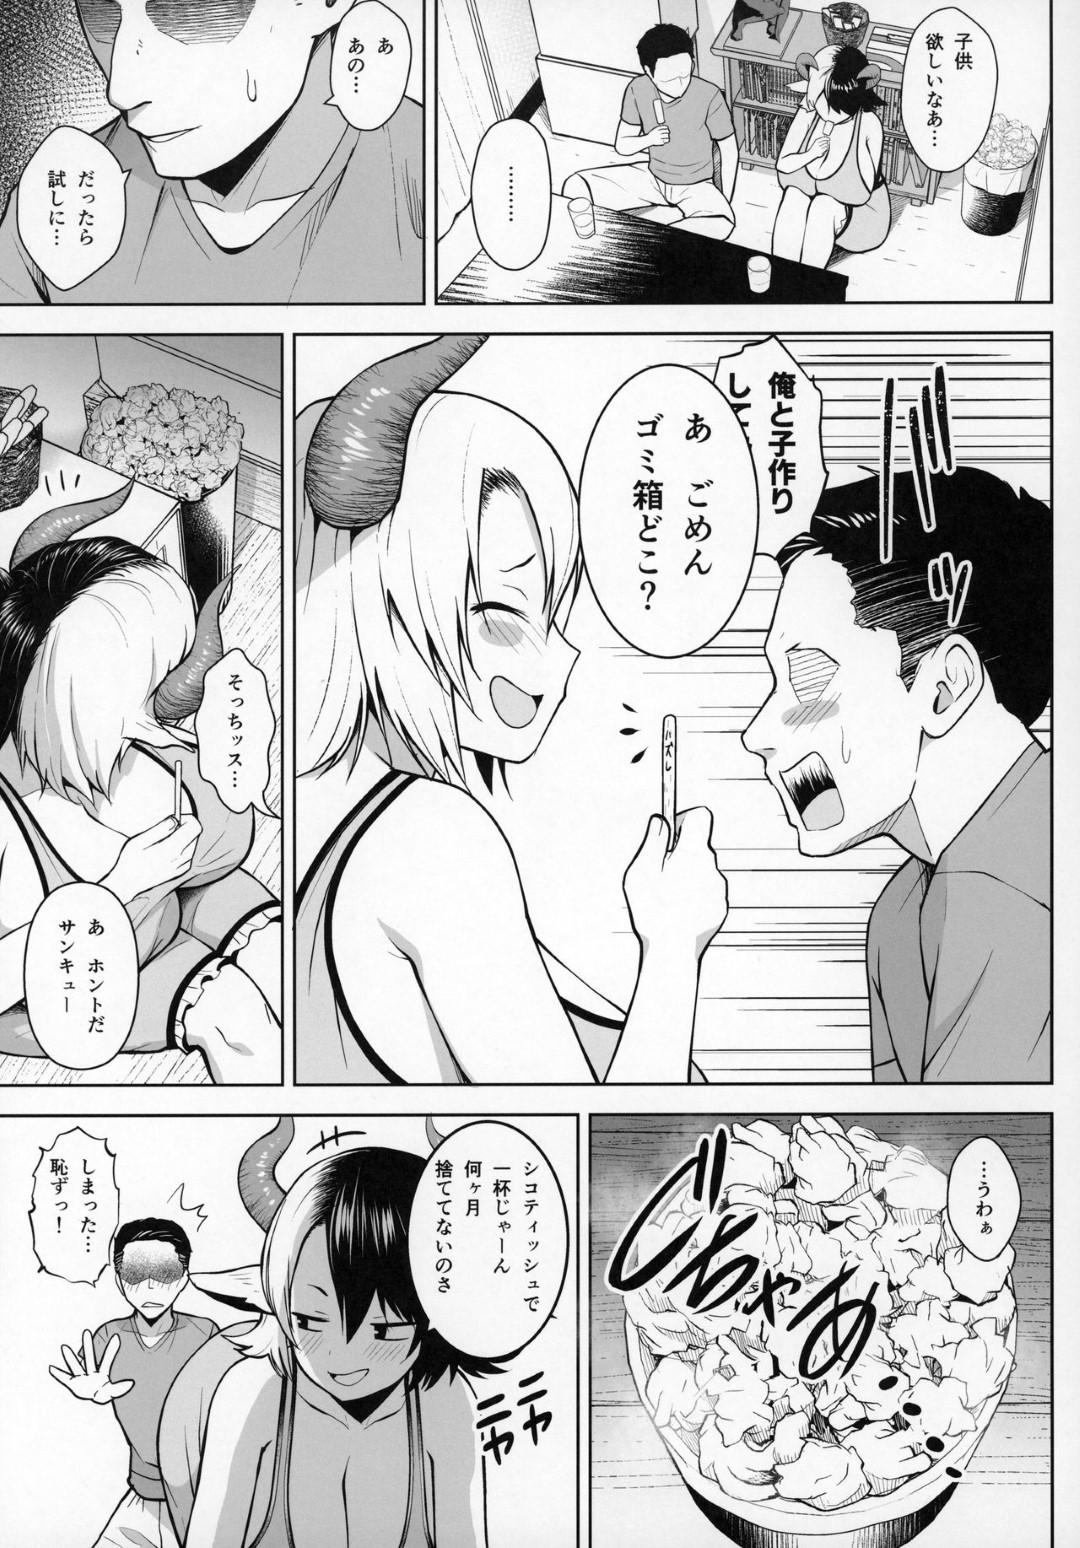 マンガ コレクター エロ